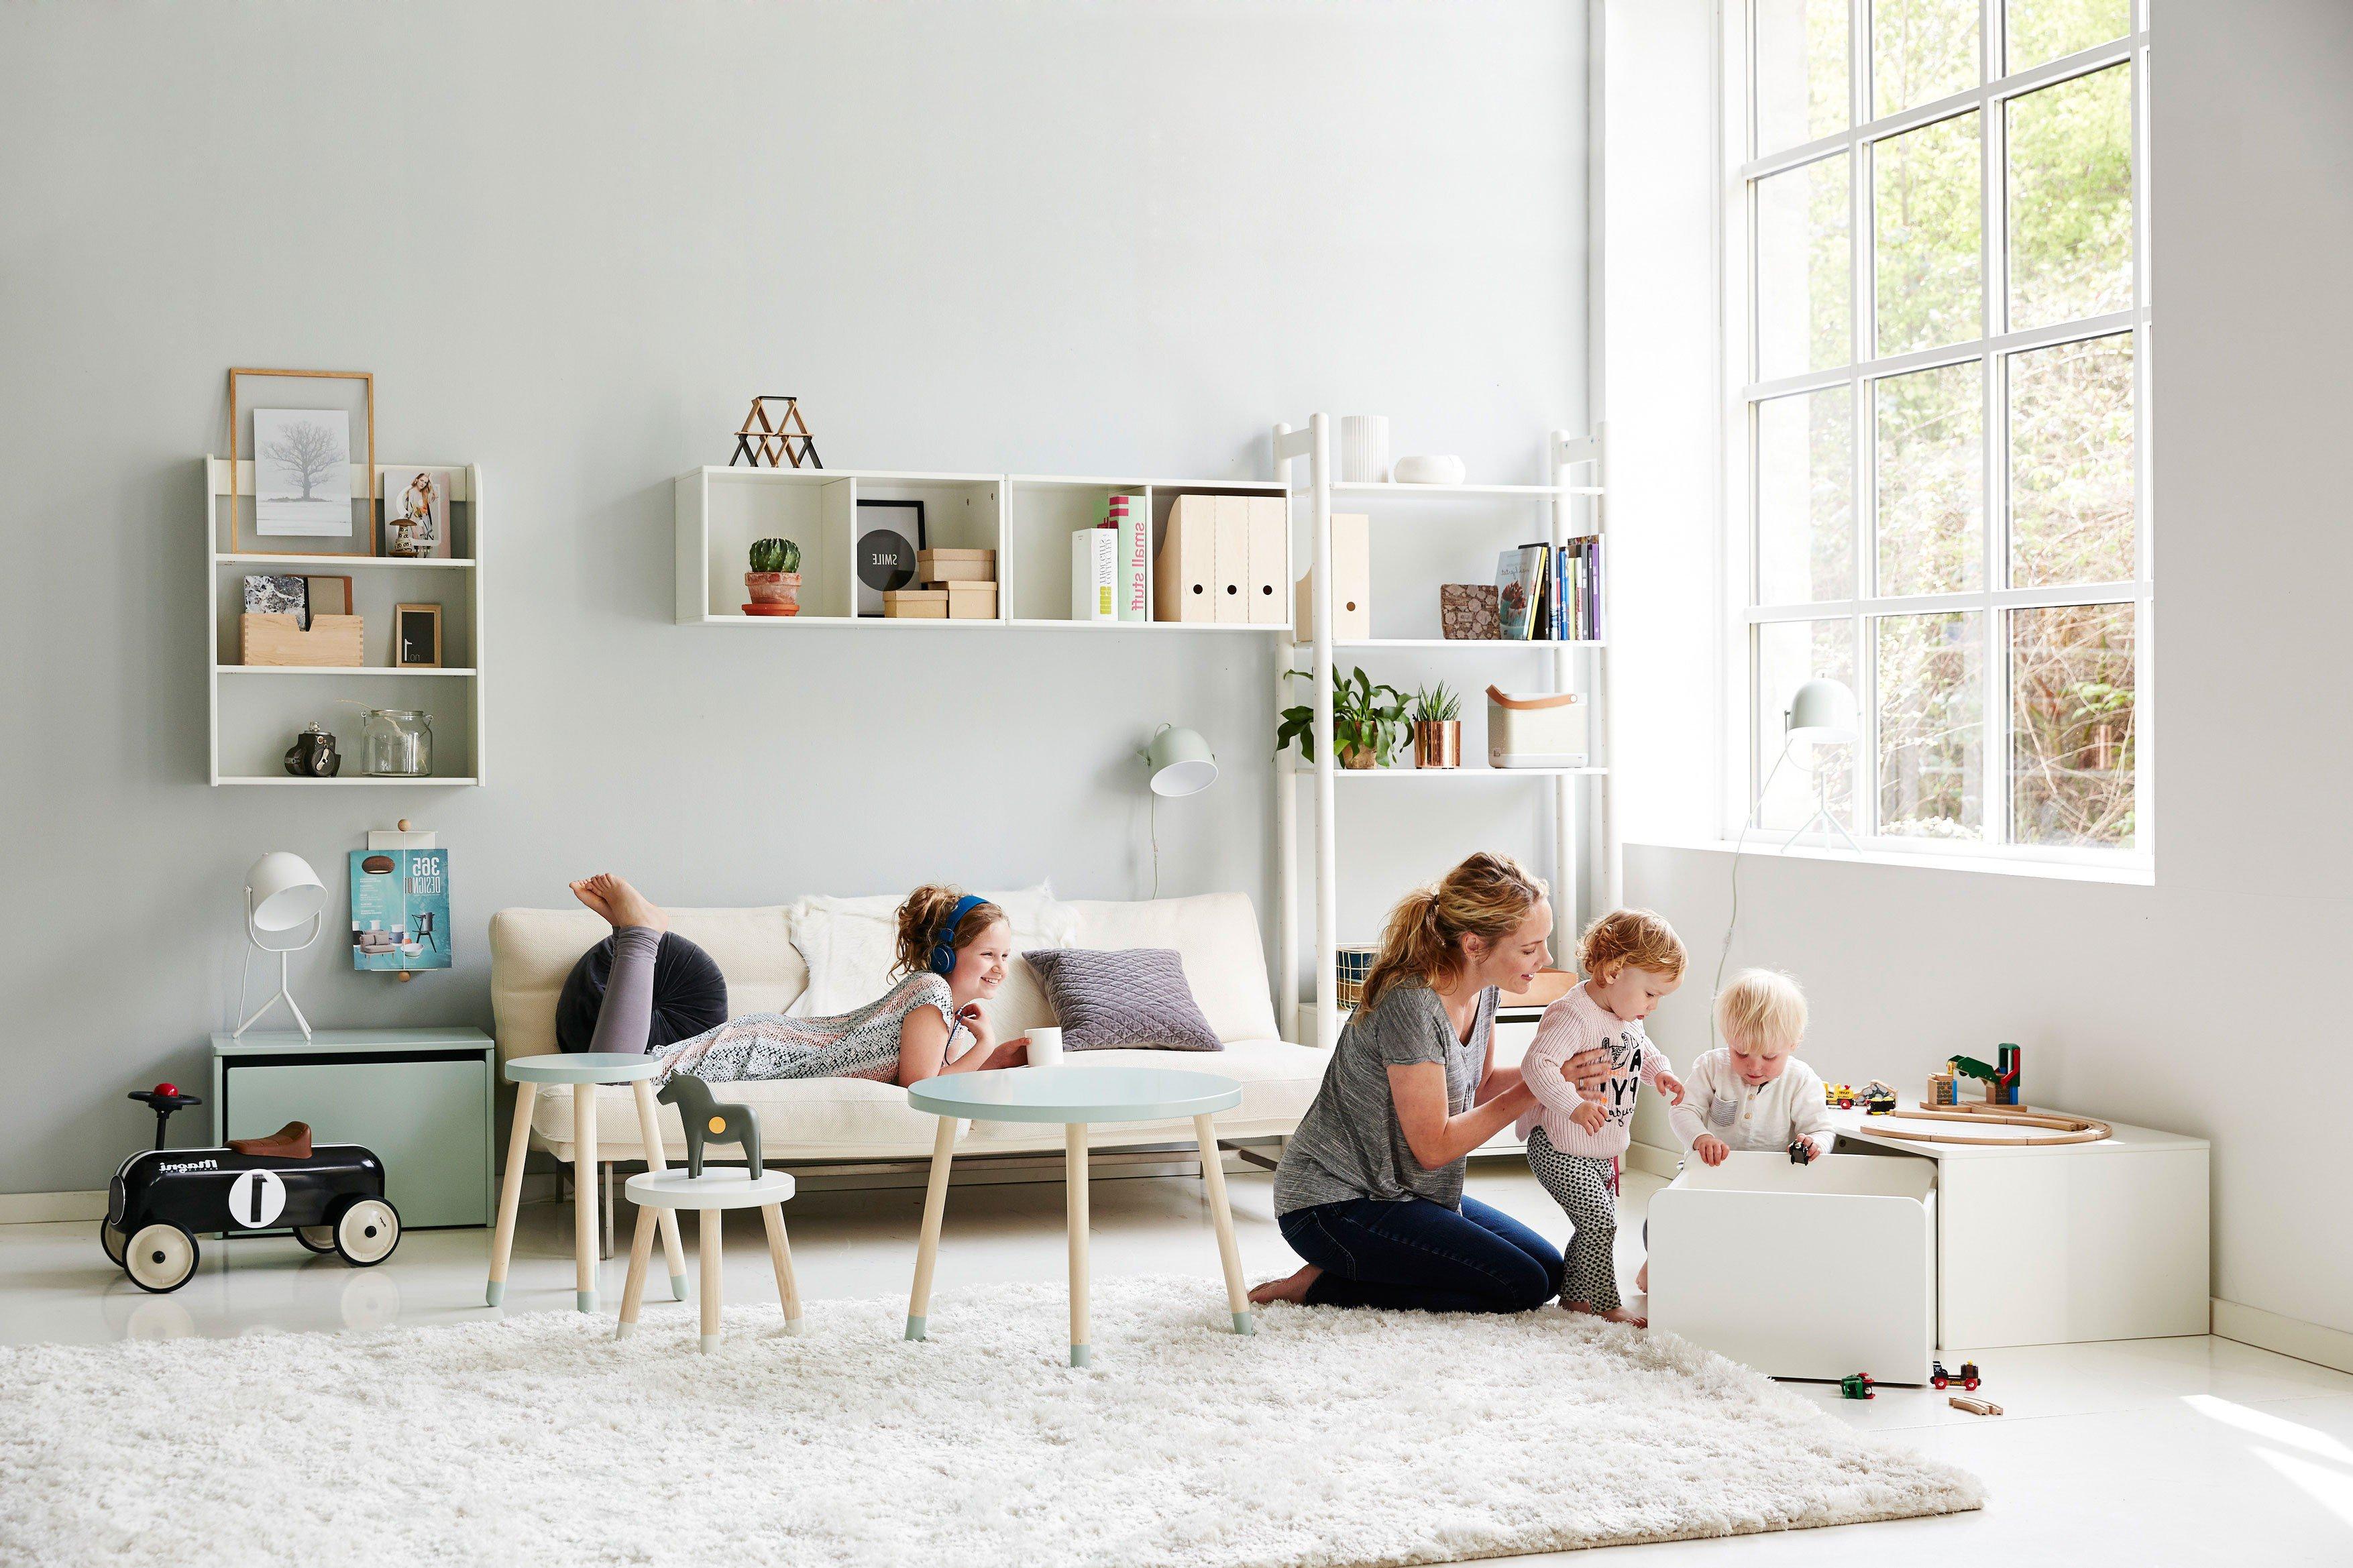 Kinderzimmer Einrichtung flexa cabby play shelfie möbel möbel letz ihr shop